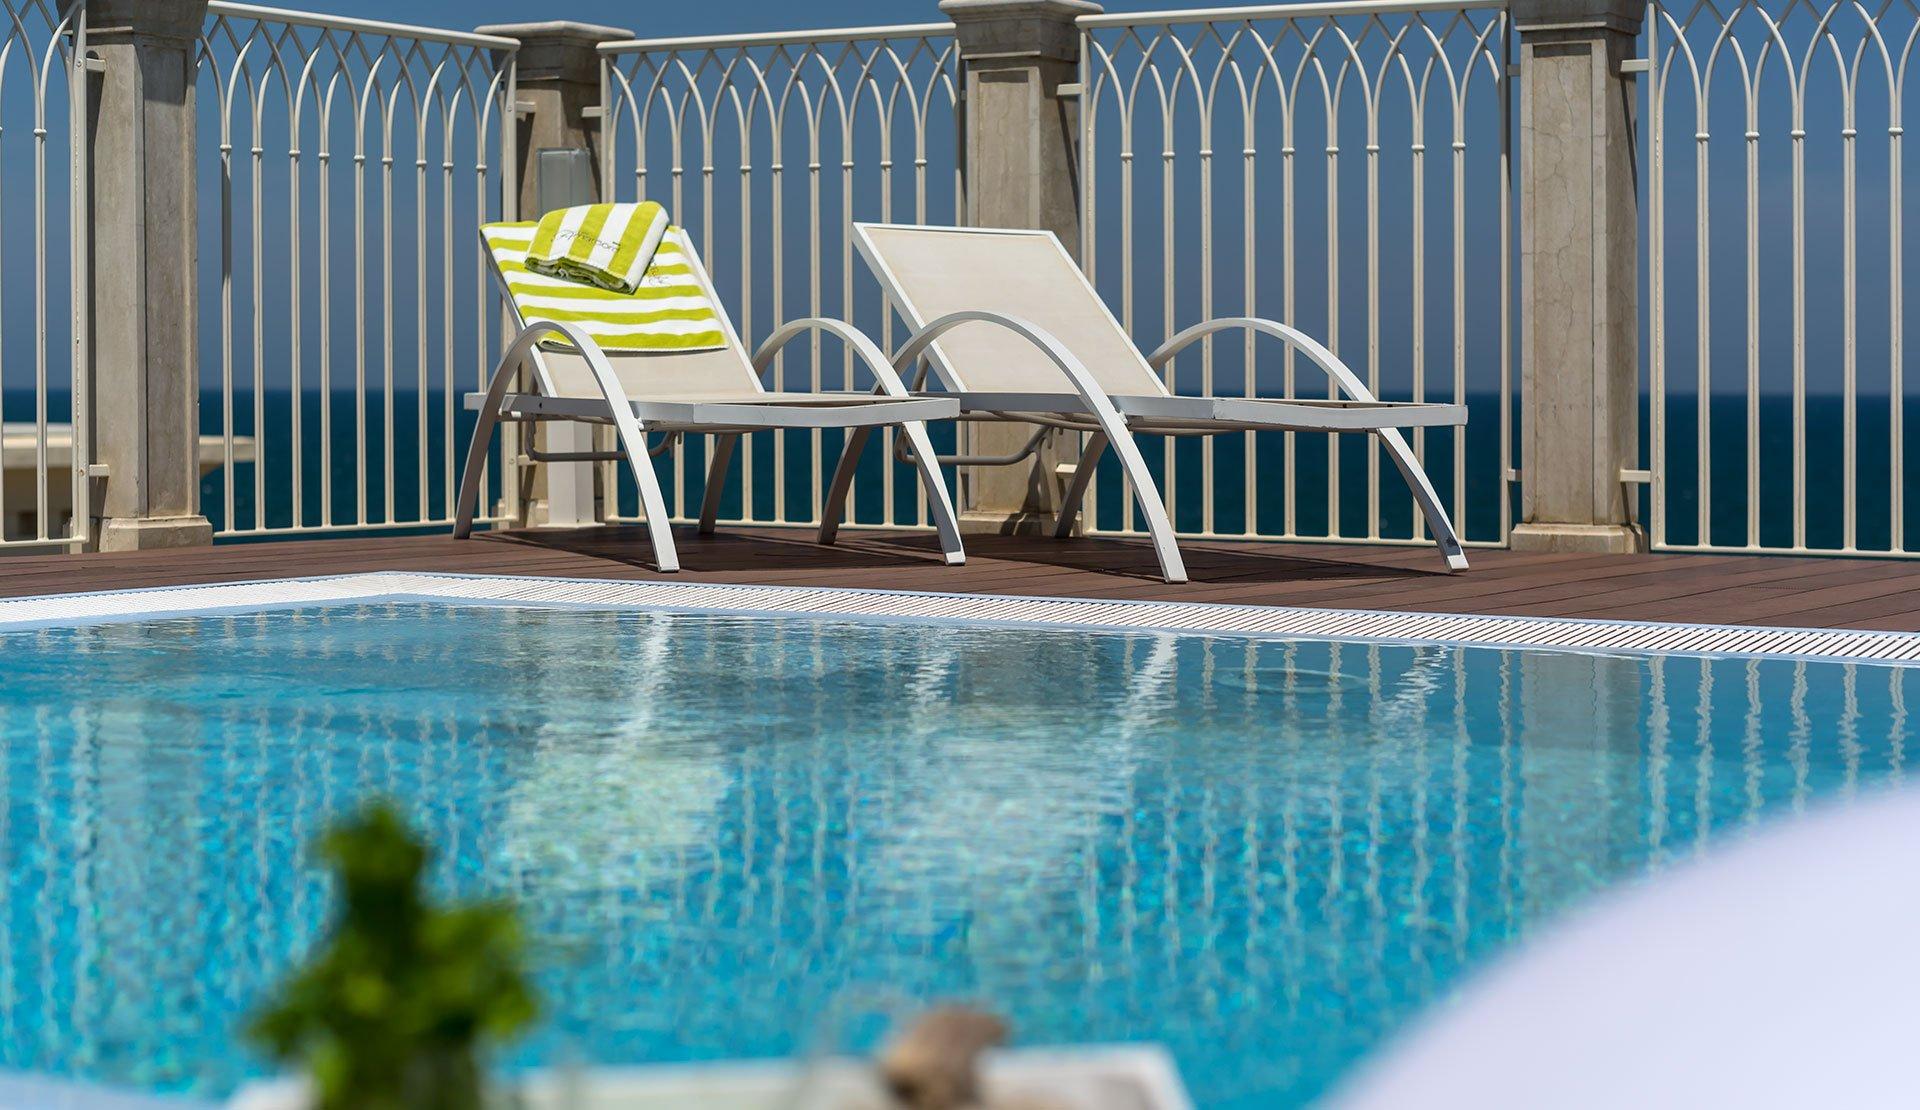 Hotel vicino al mare a misano adriatico hotel amarcord - Hotel misano adriatico con piscina ...